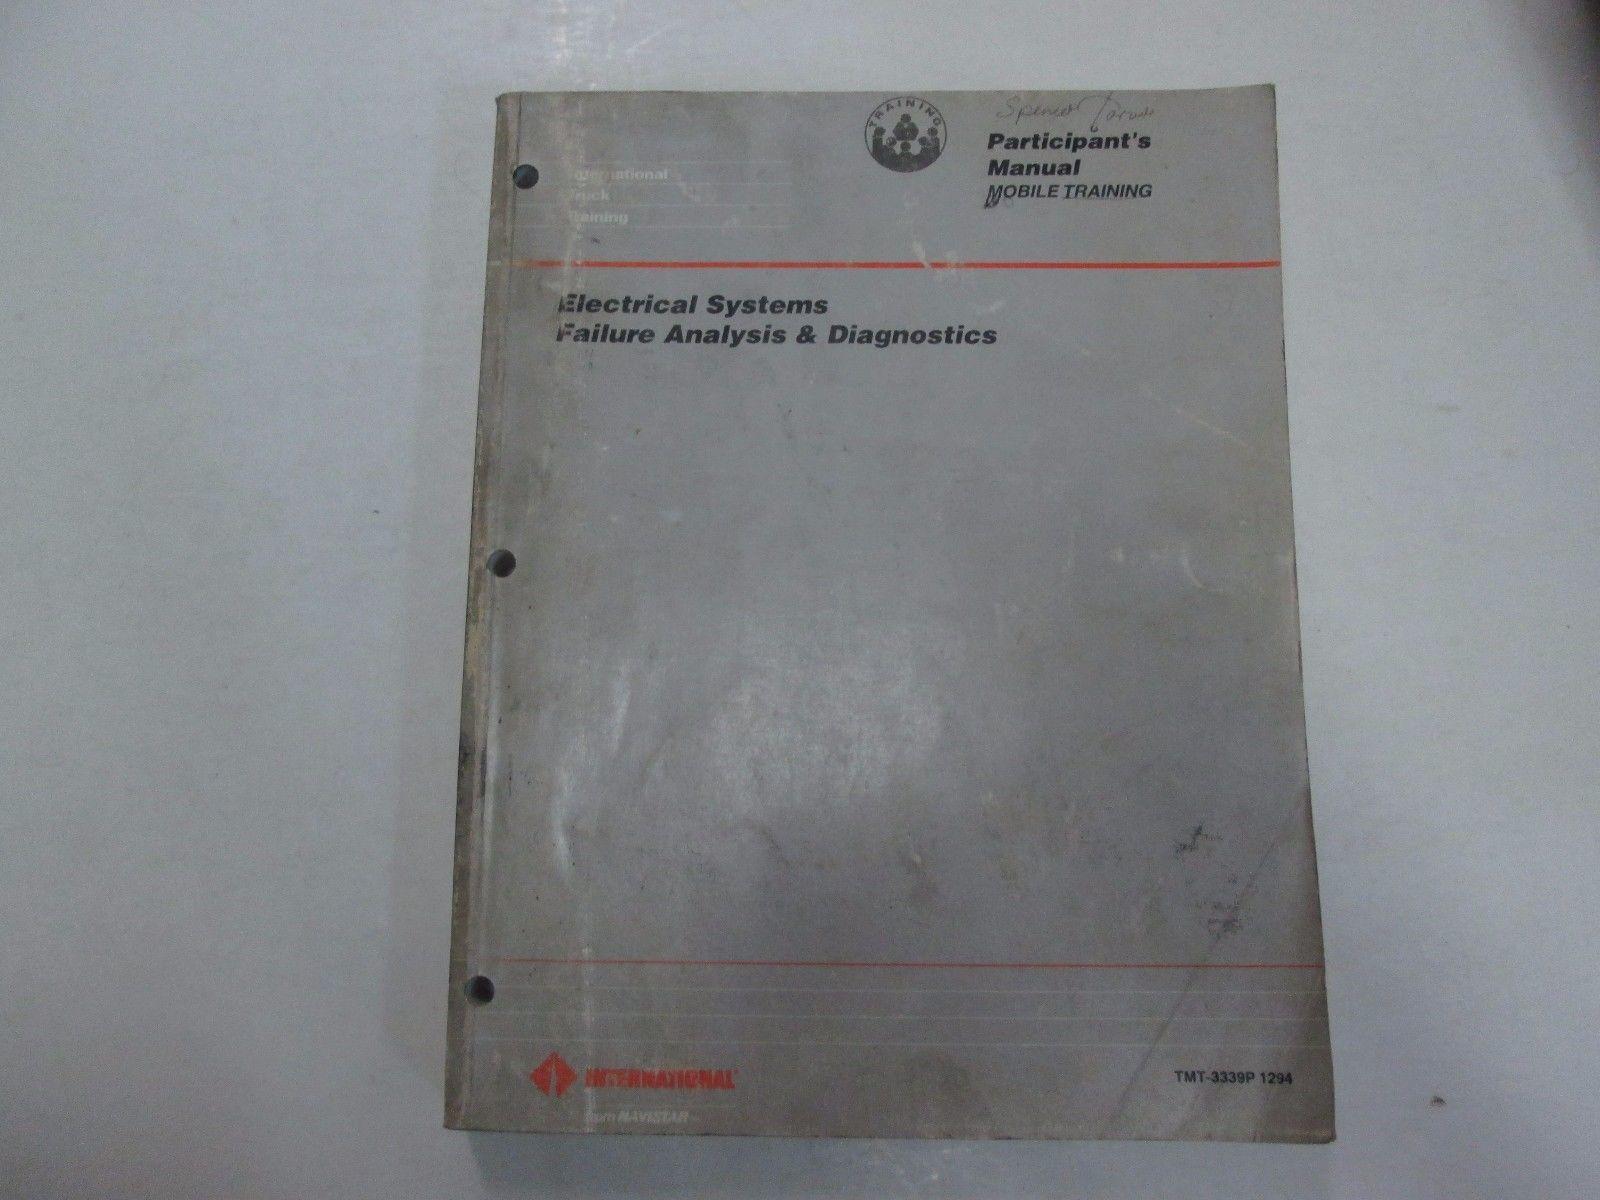 Internazionale Elettrico Sistemi Fallimento Analisi Diagnostico Participants